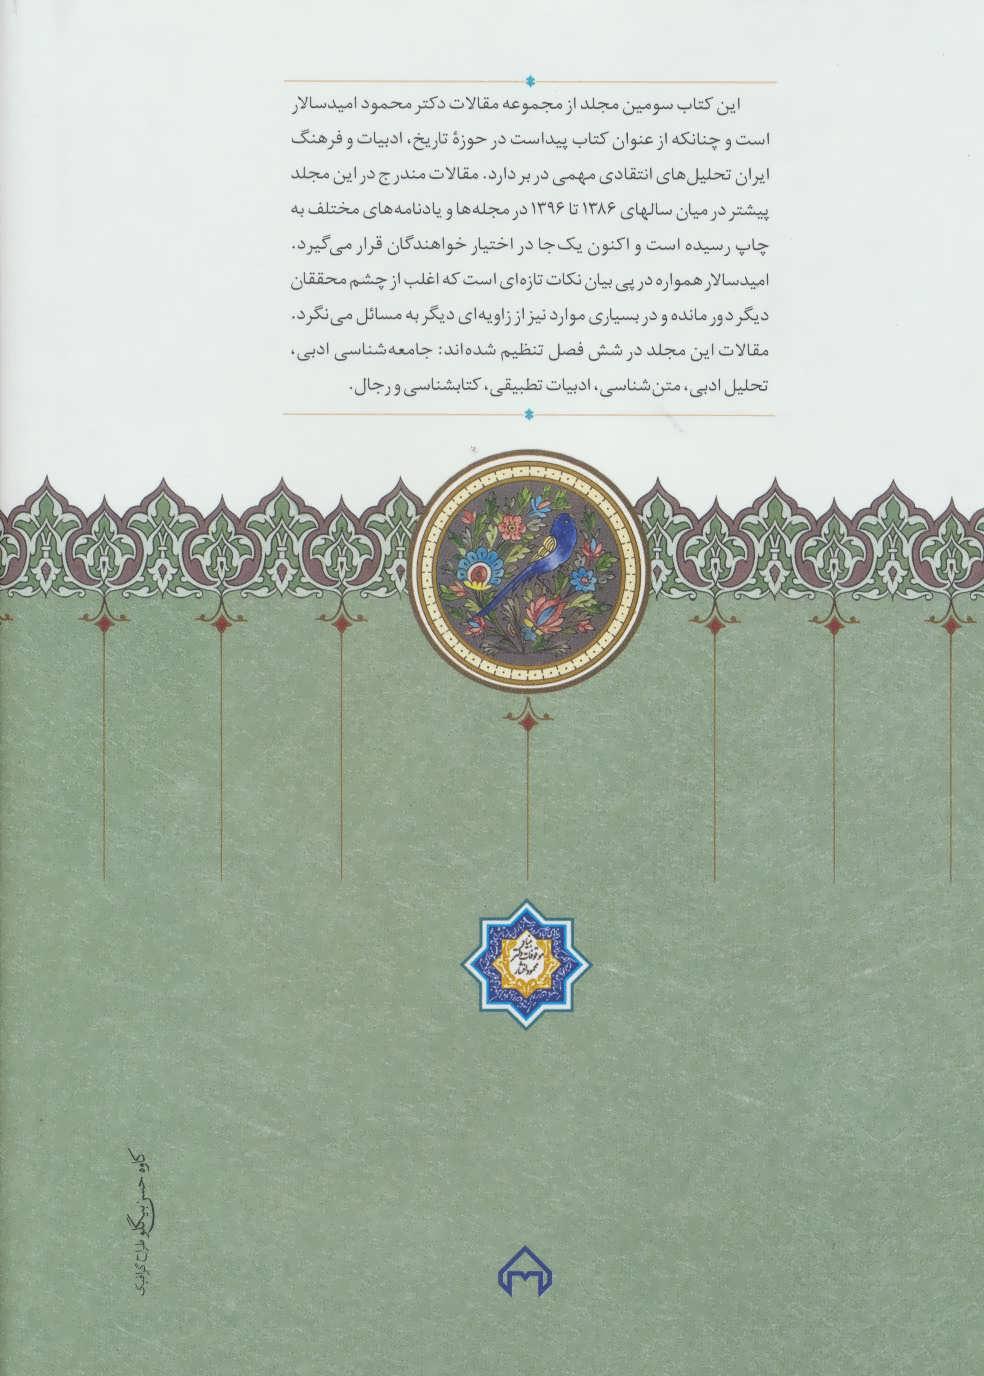 مقالاتی درباب تاریخ،ادب و فرهنگ ایران